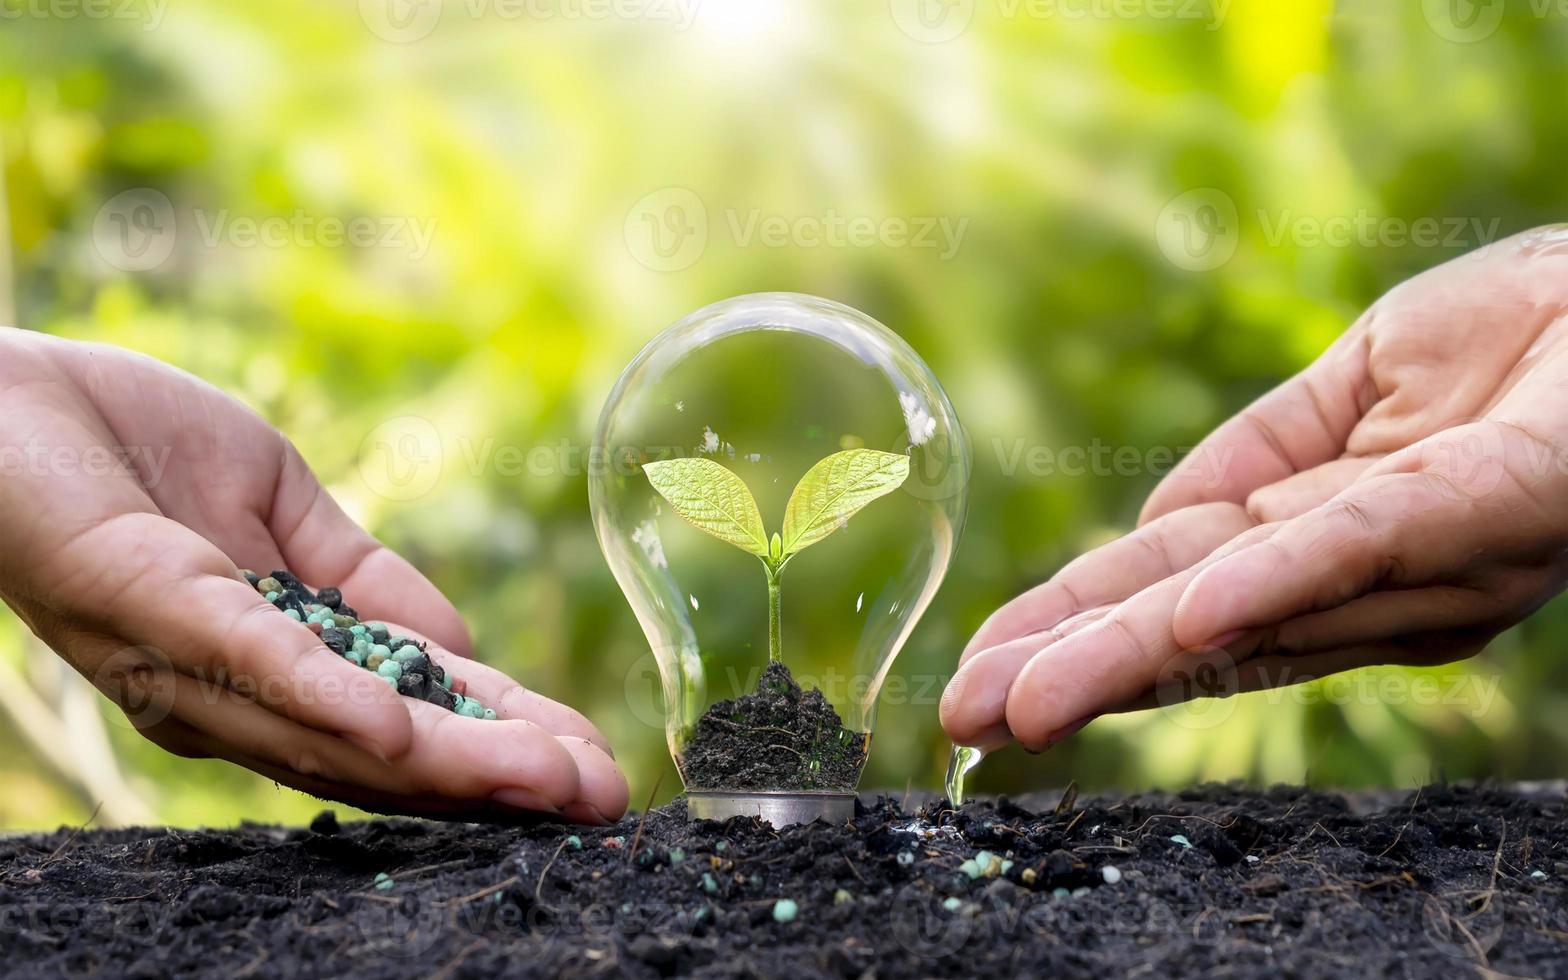 les mains des gens aident à fertiliser et à arroser les bulbes qui poussent dans l'énergie, les idées, les ressources naturelles et l'environnement. photo